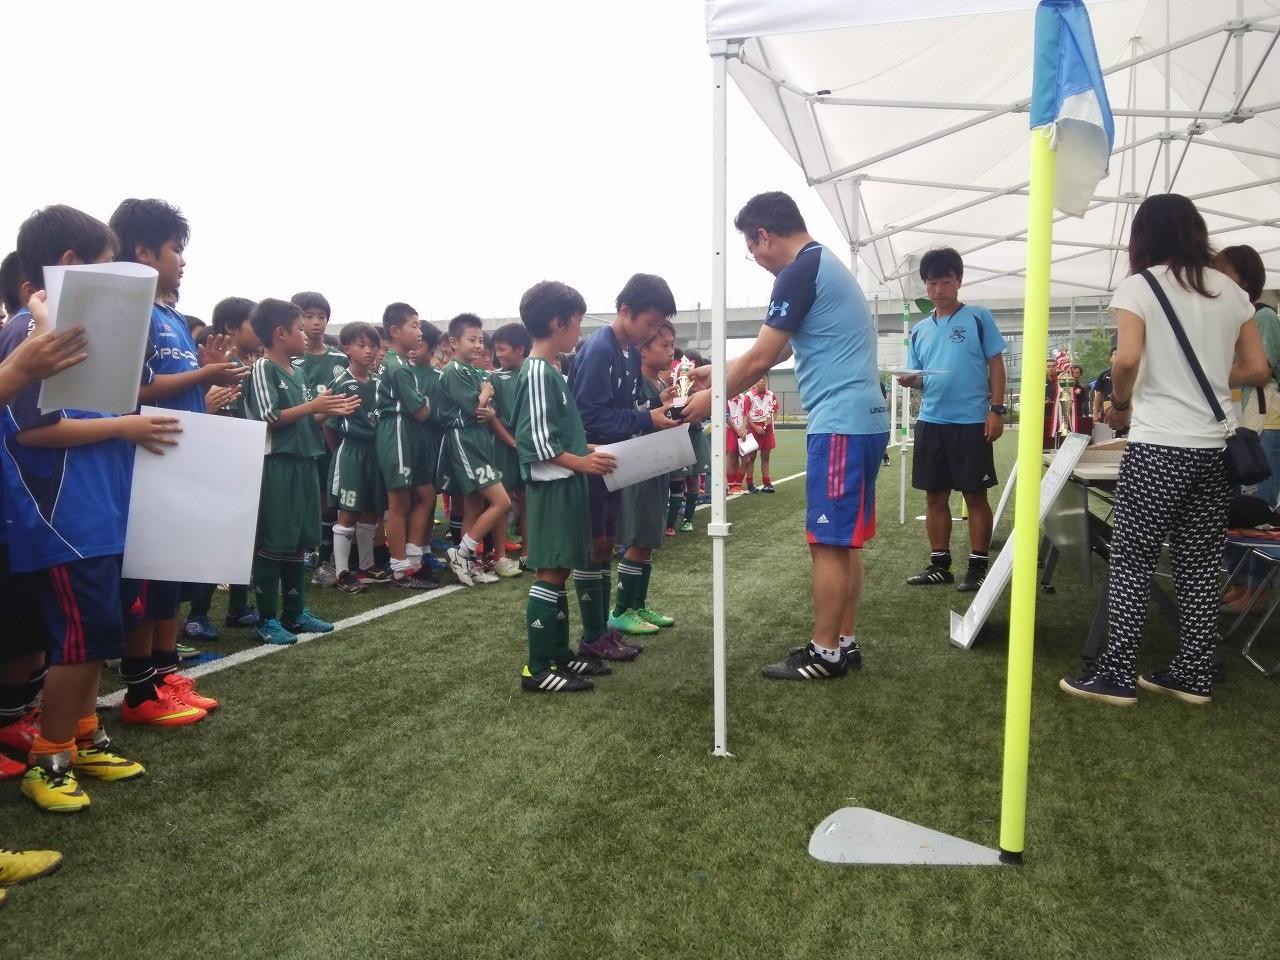 かもめ杯・シーガルズ杯 U-11(5年生) 表彰式